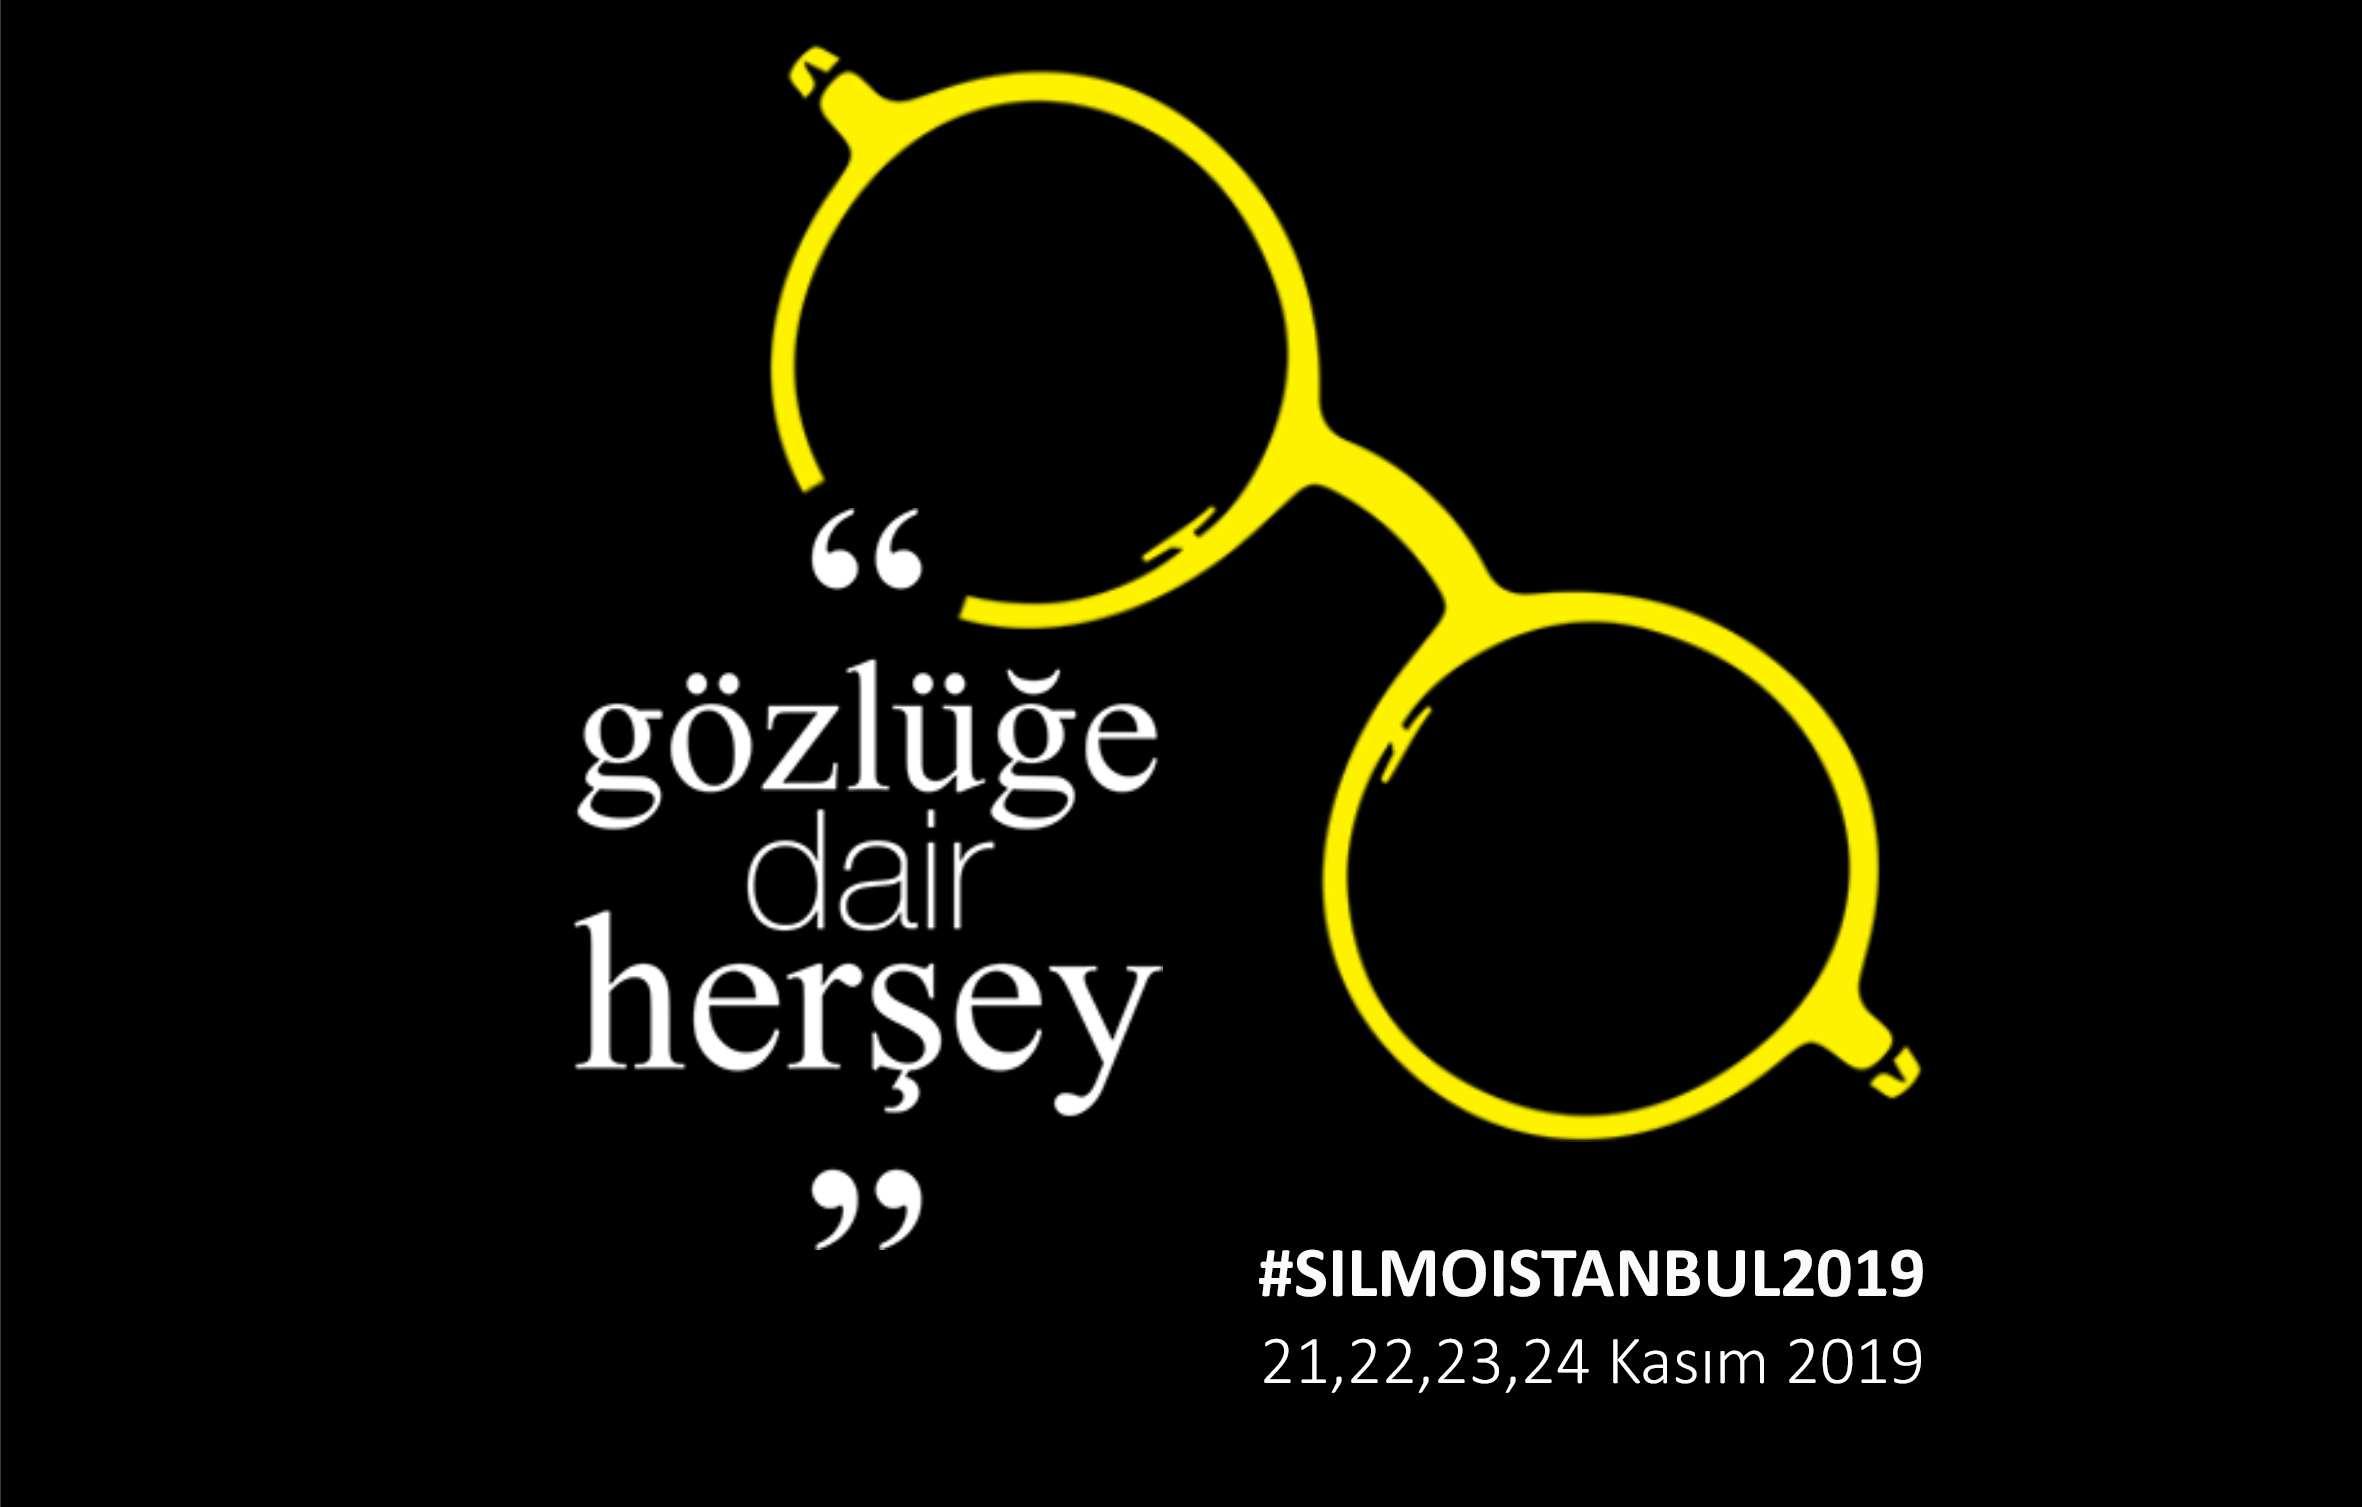 SILMO İSTANBUL 2019 YAKLAŞIYOR